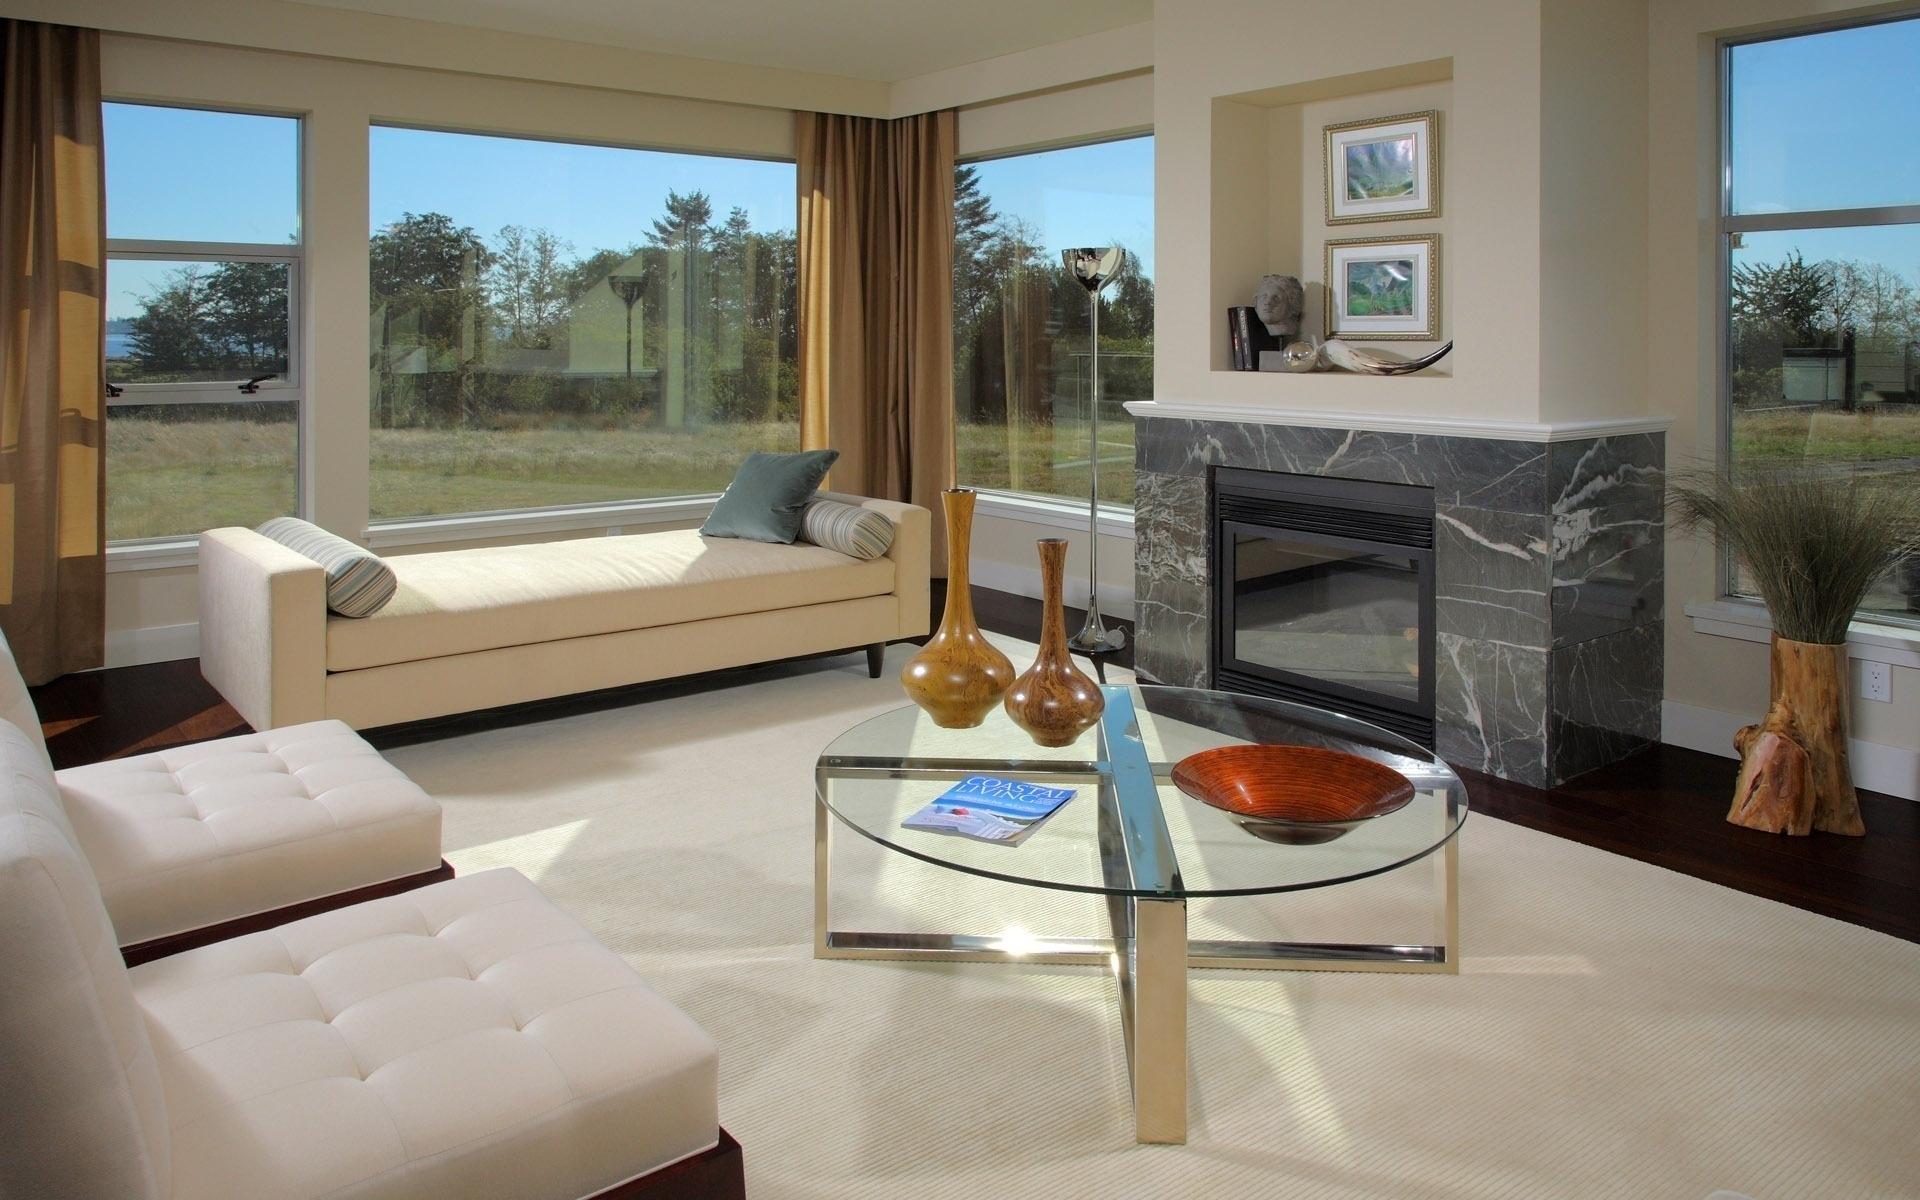 Fondos de pantalla ventana habitaci n moderno piscina for Diseno de interiores de apartamentos modernos